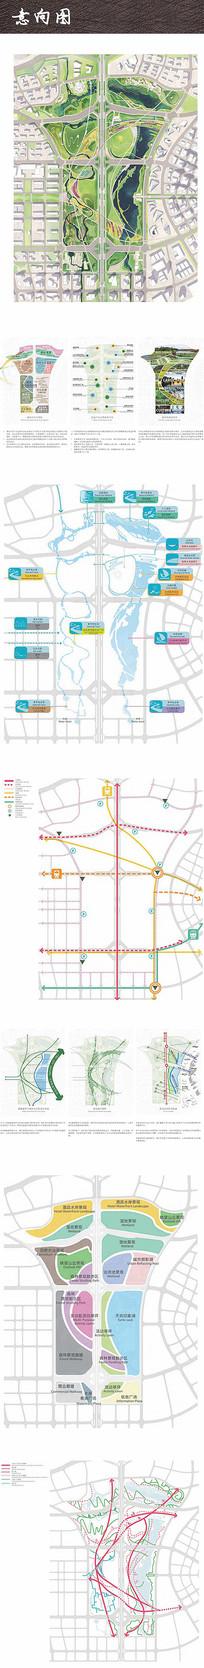 公园功能流线分析图 JPG